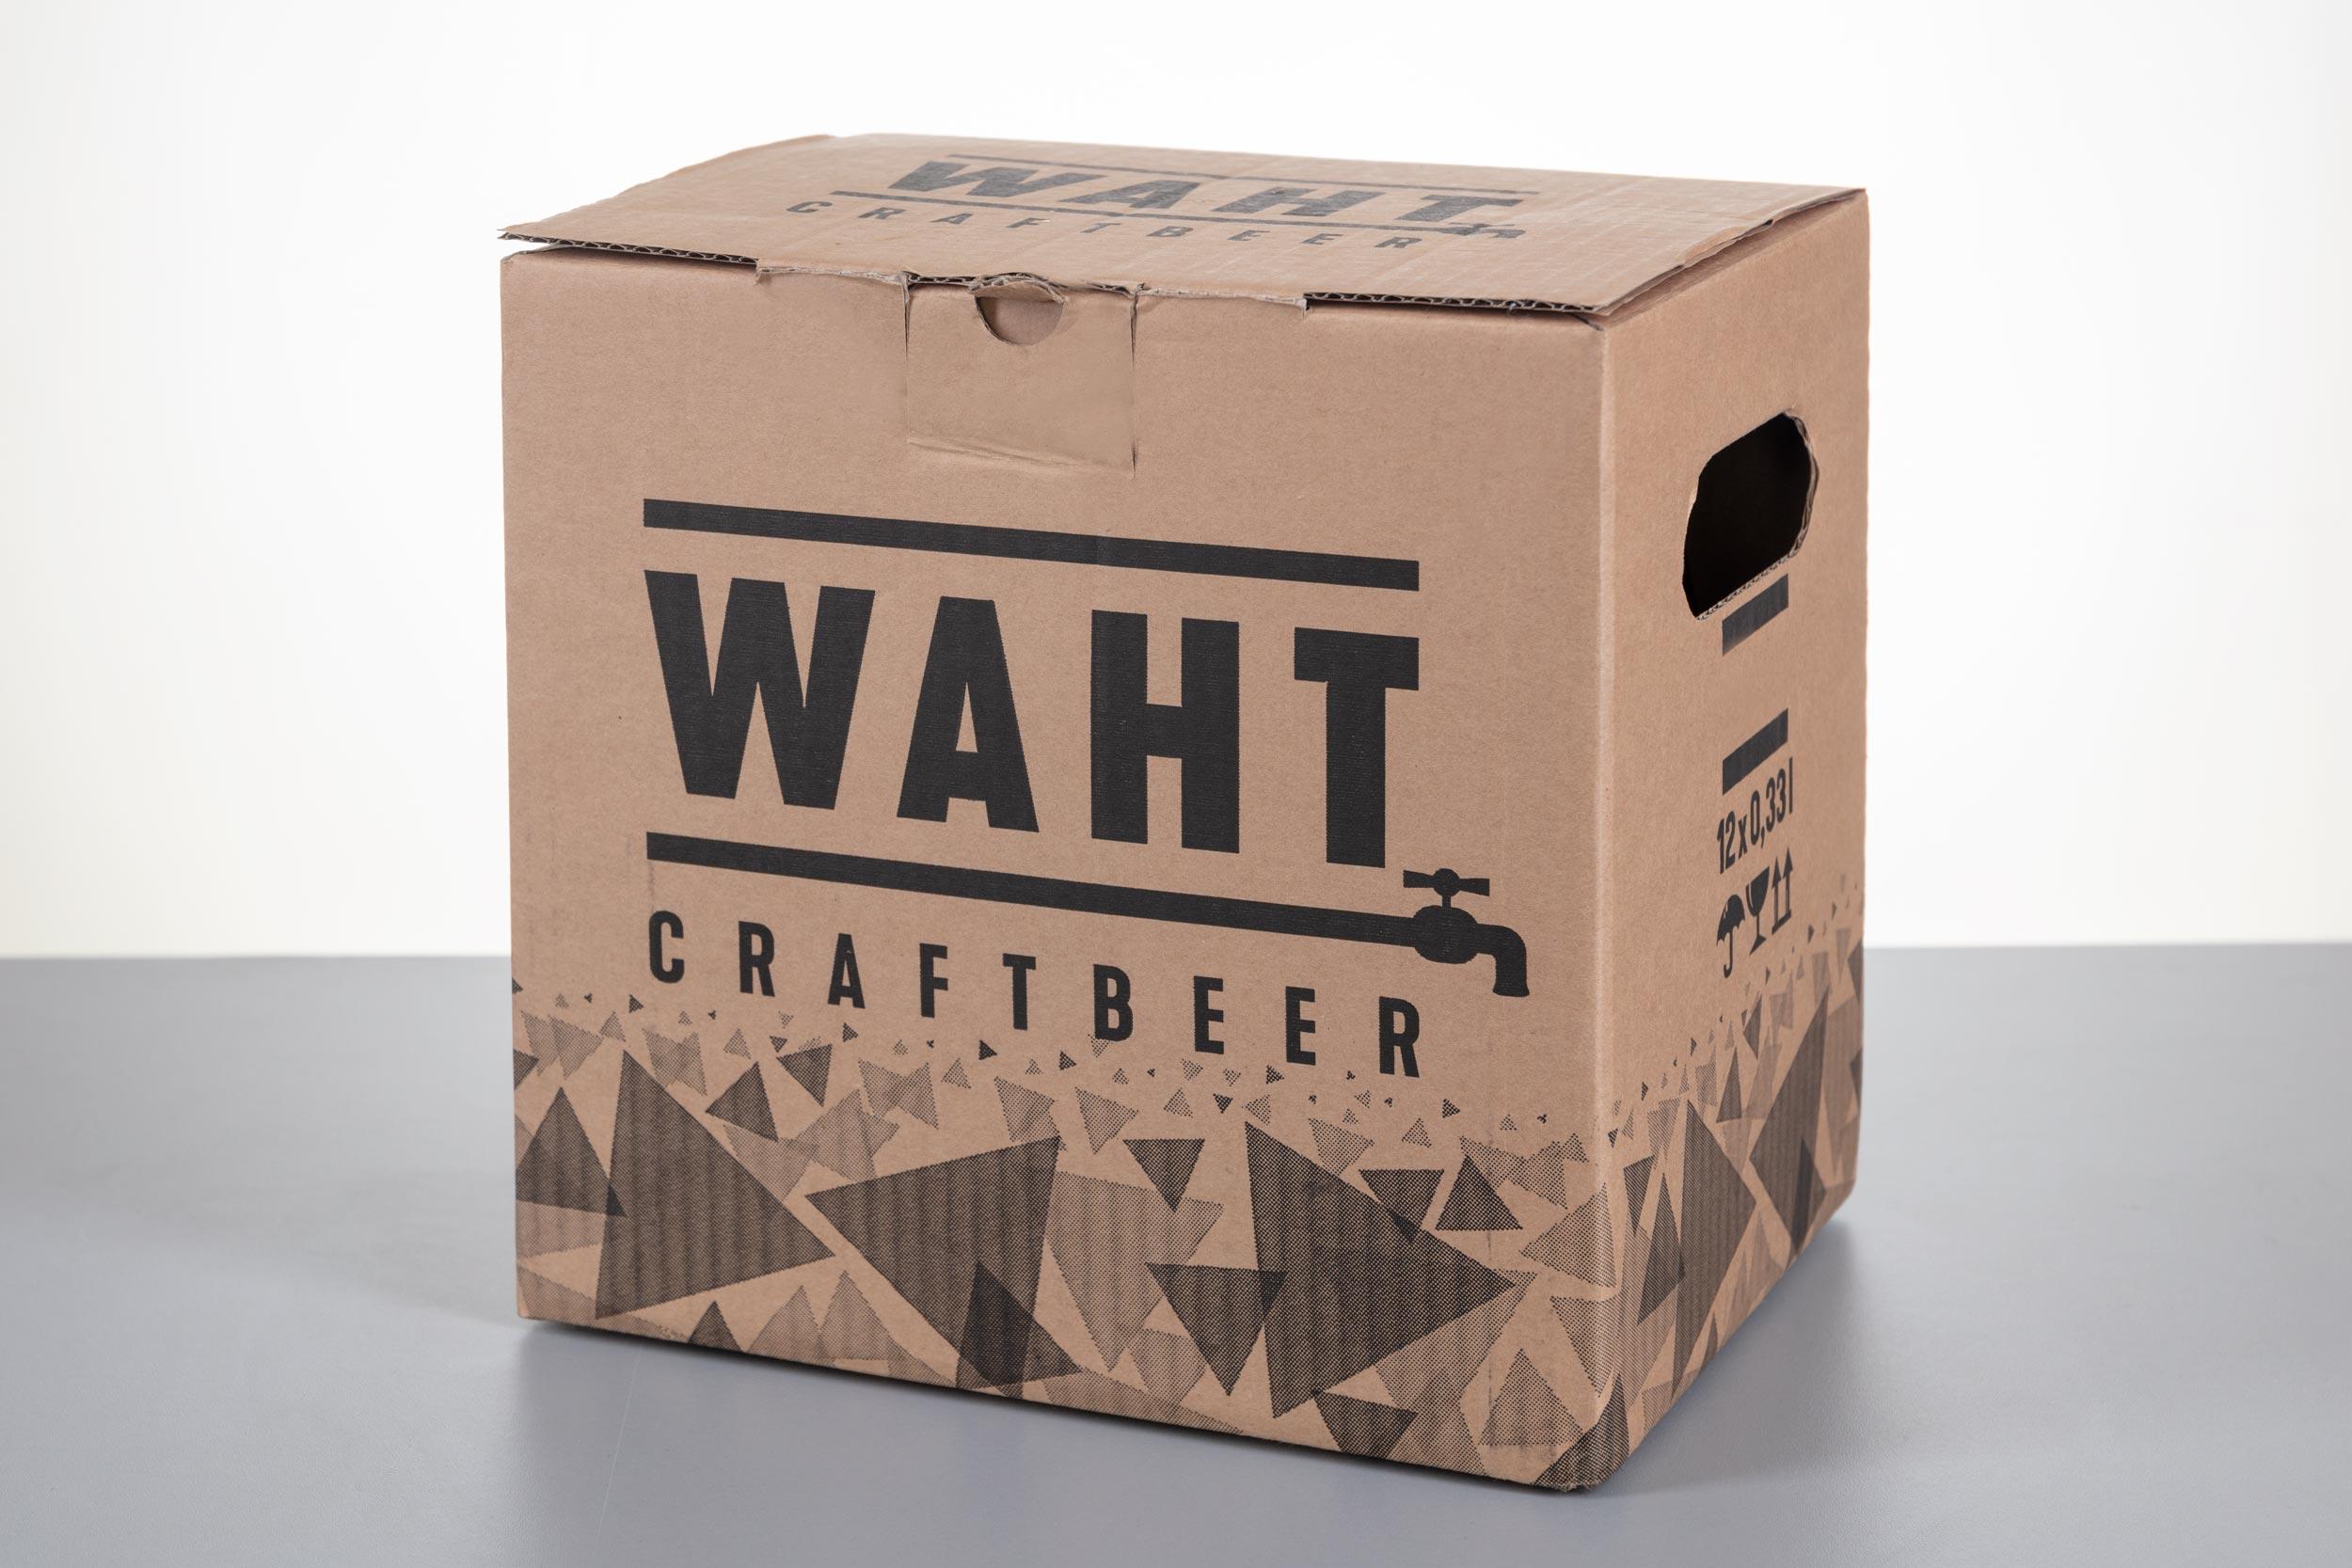 Käsitöö õllede Waht 12 pakk - Craftbeer OÜ